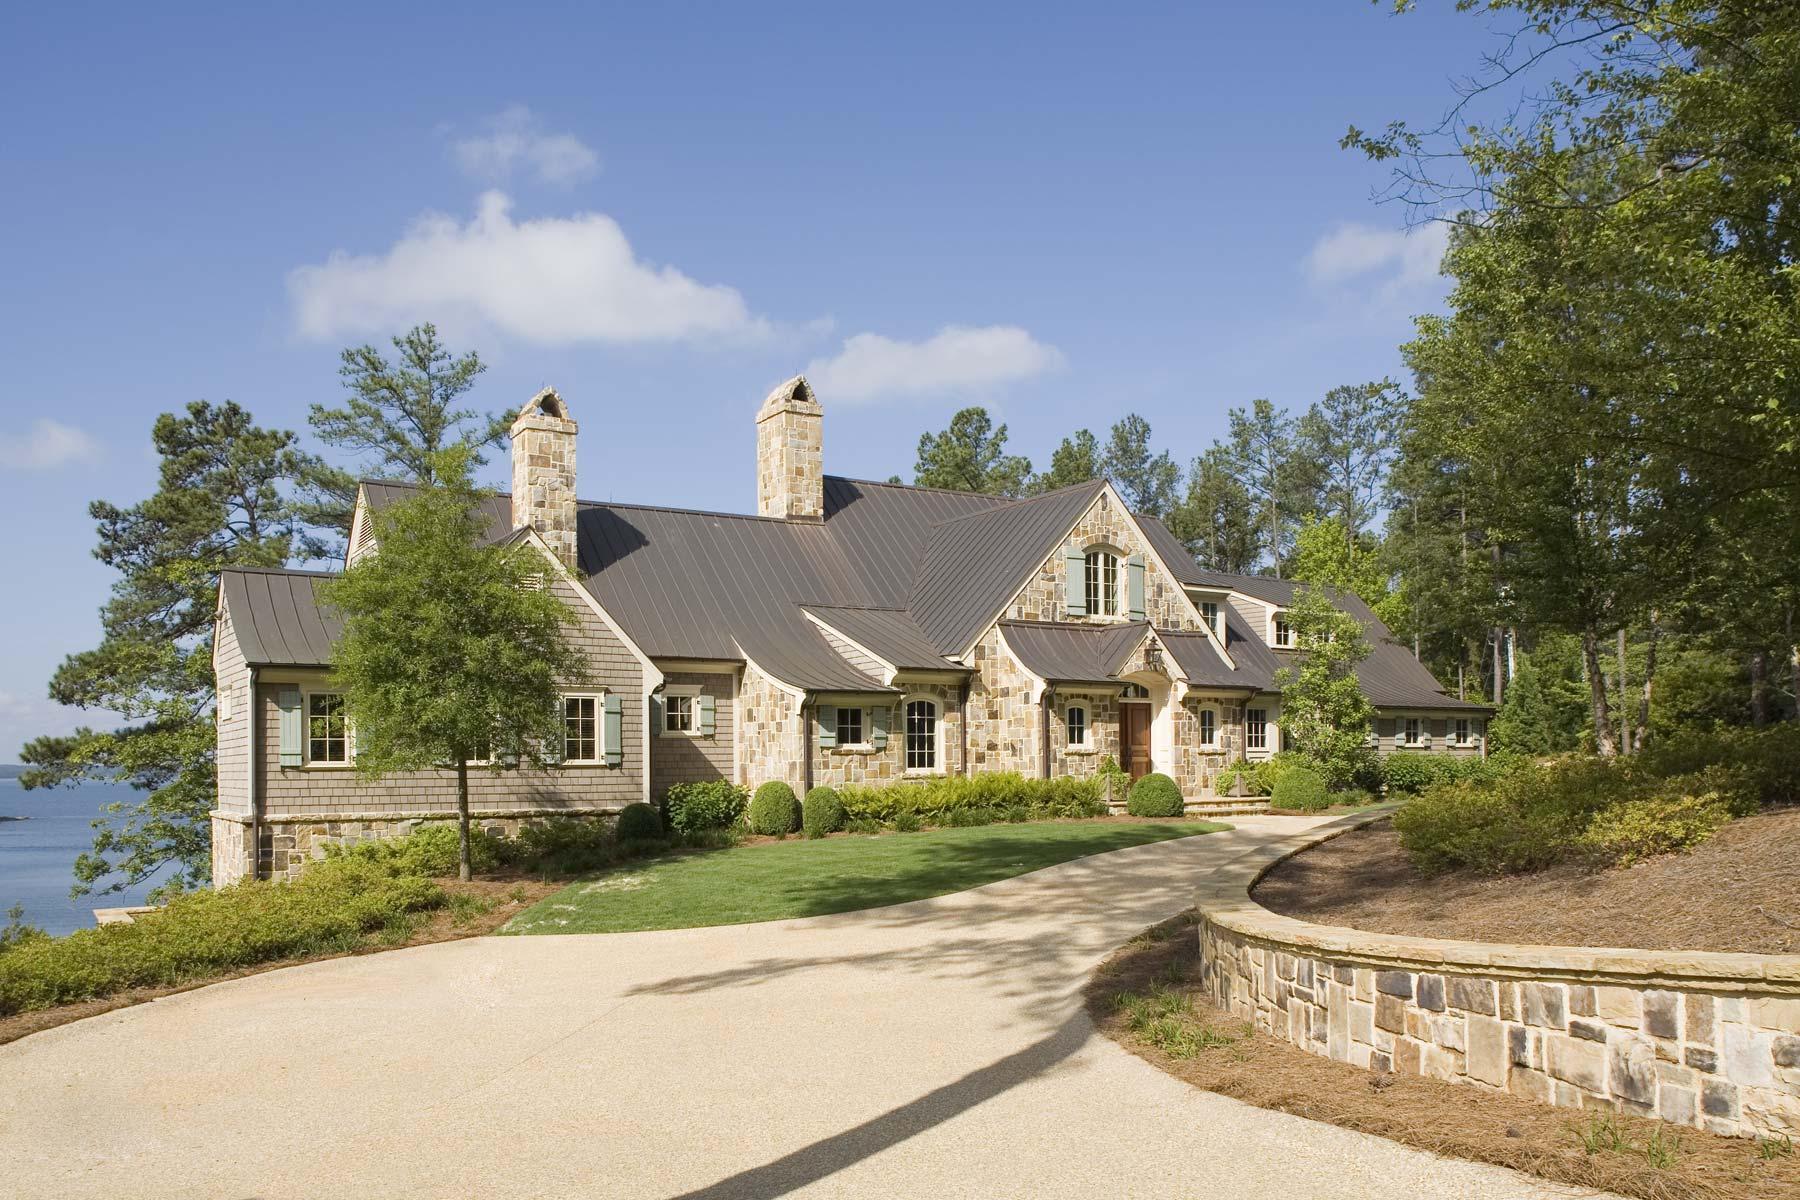 South Carolina Lake House Facade